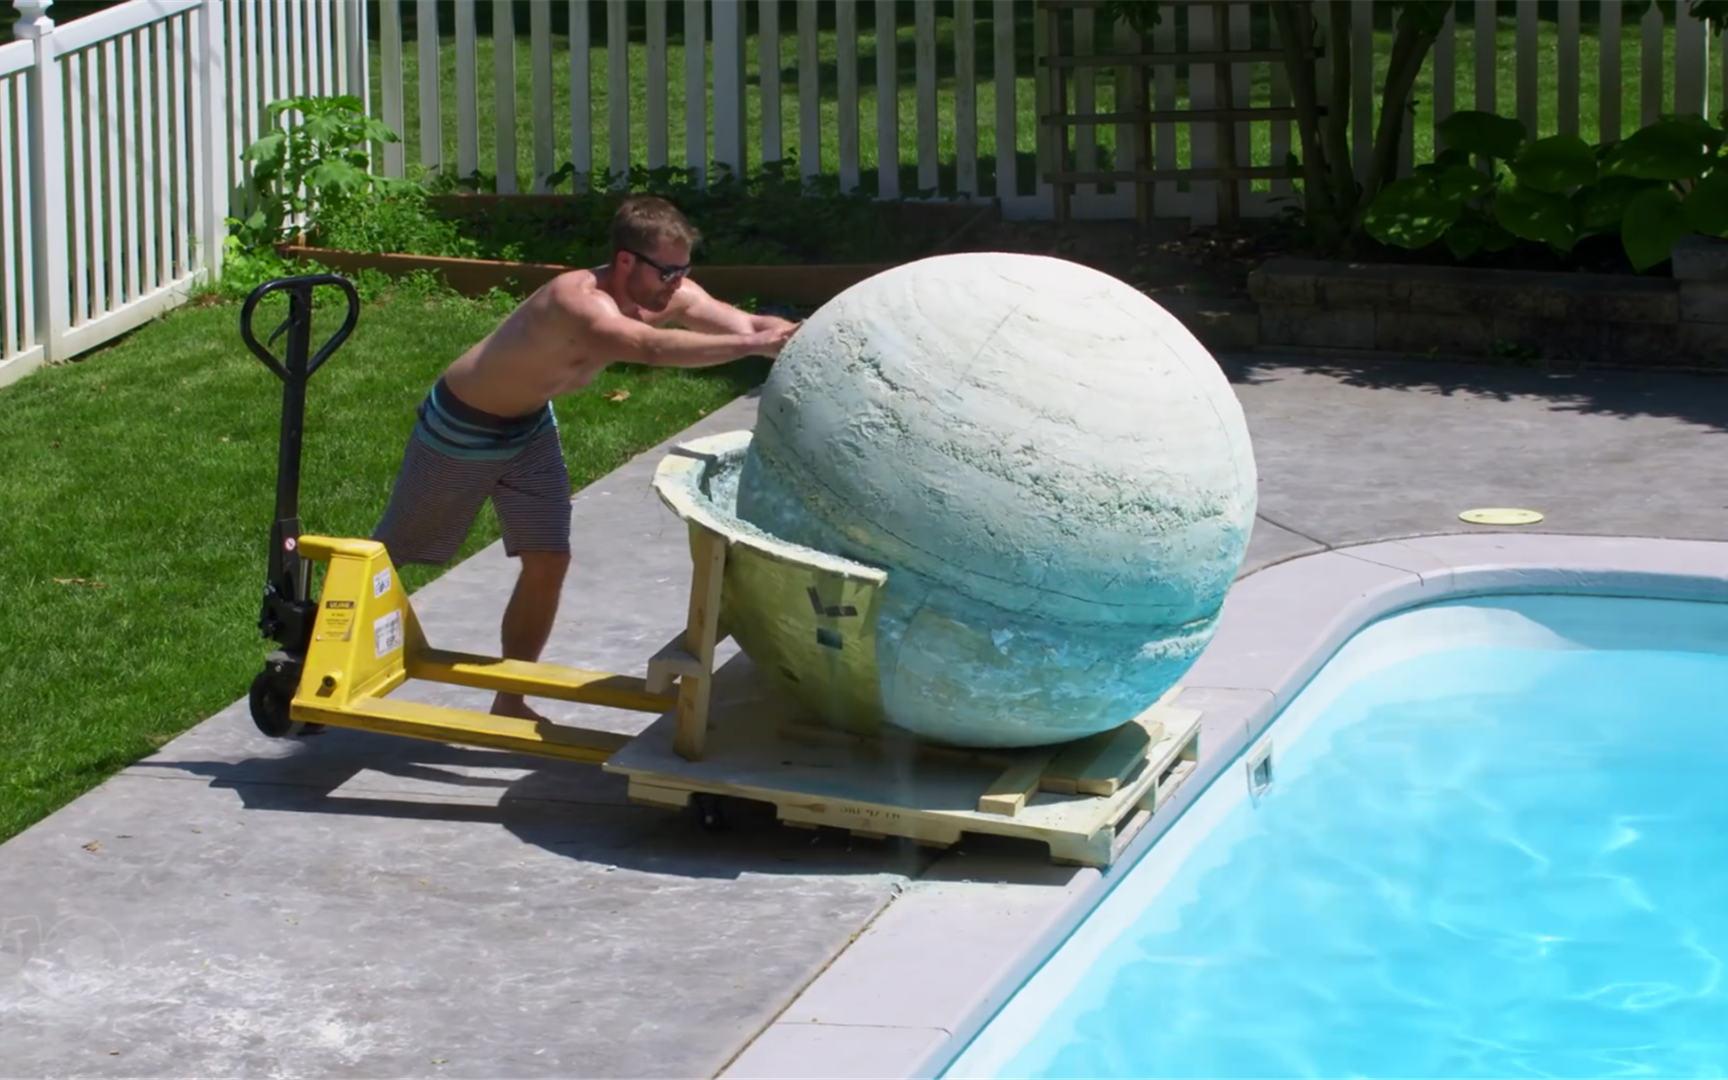 老外把2000磅的沐浴炸弹推入泳池,三秒后,场面有些失控!